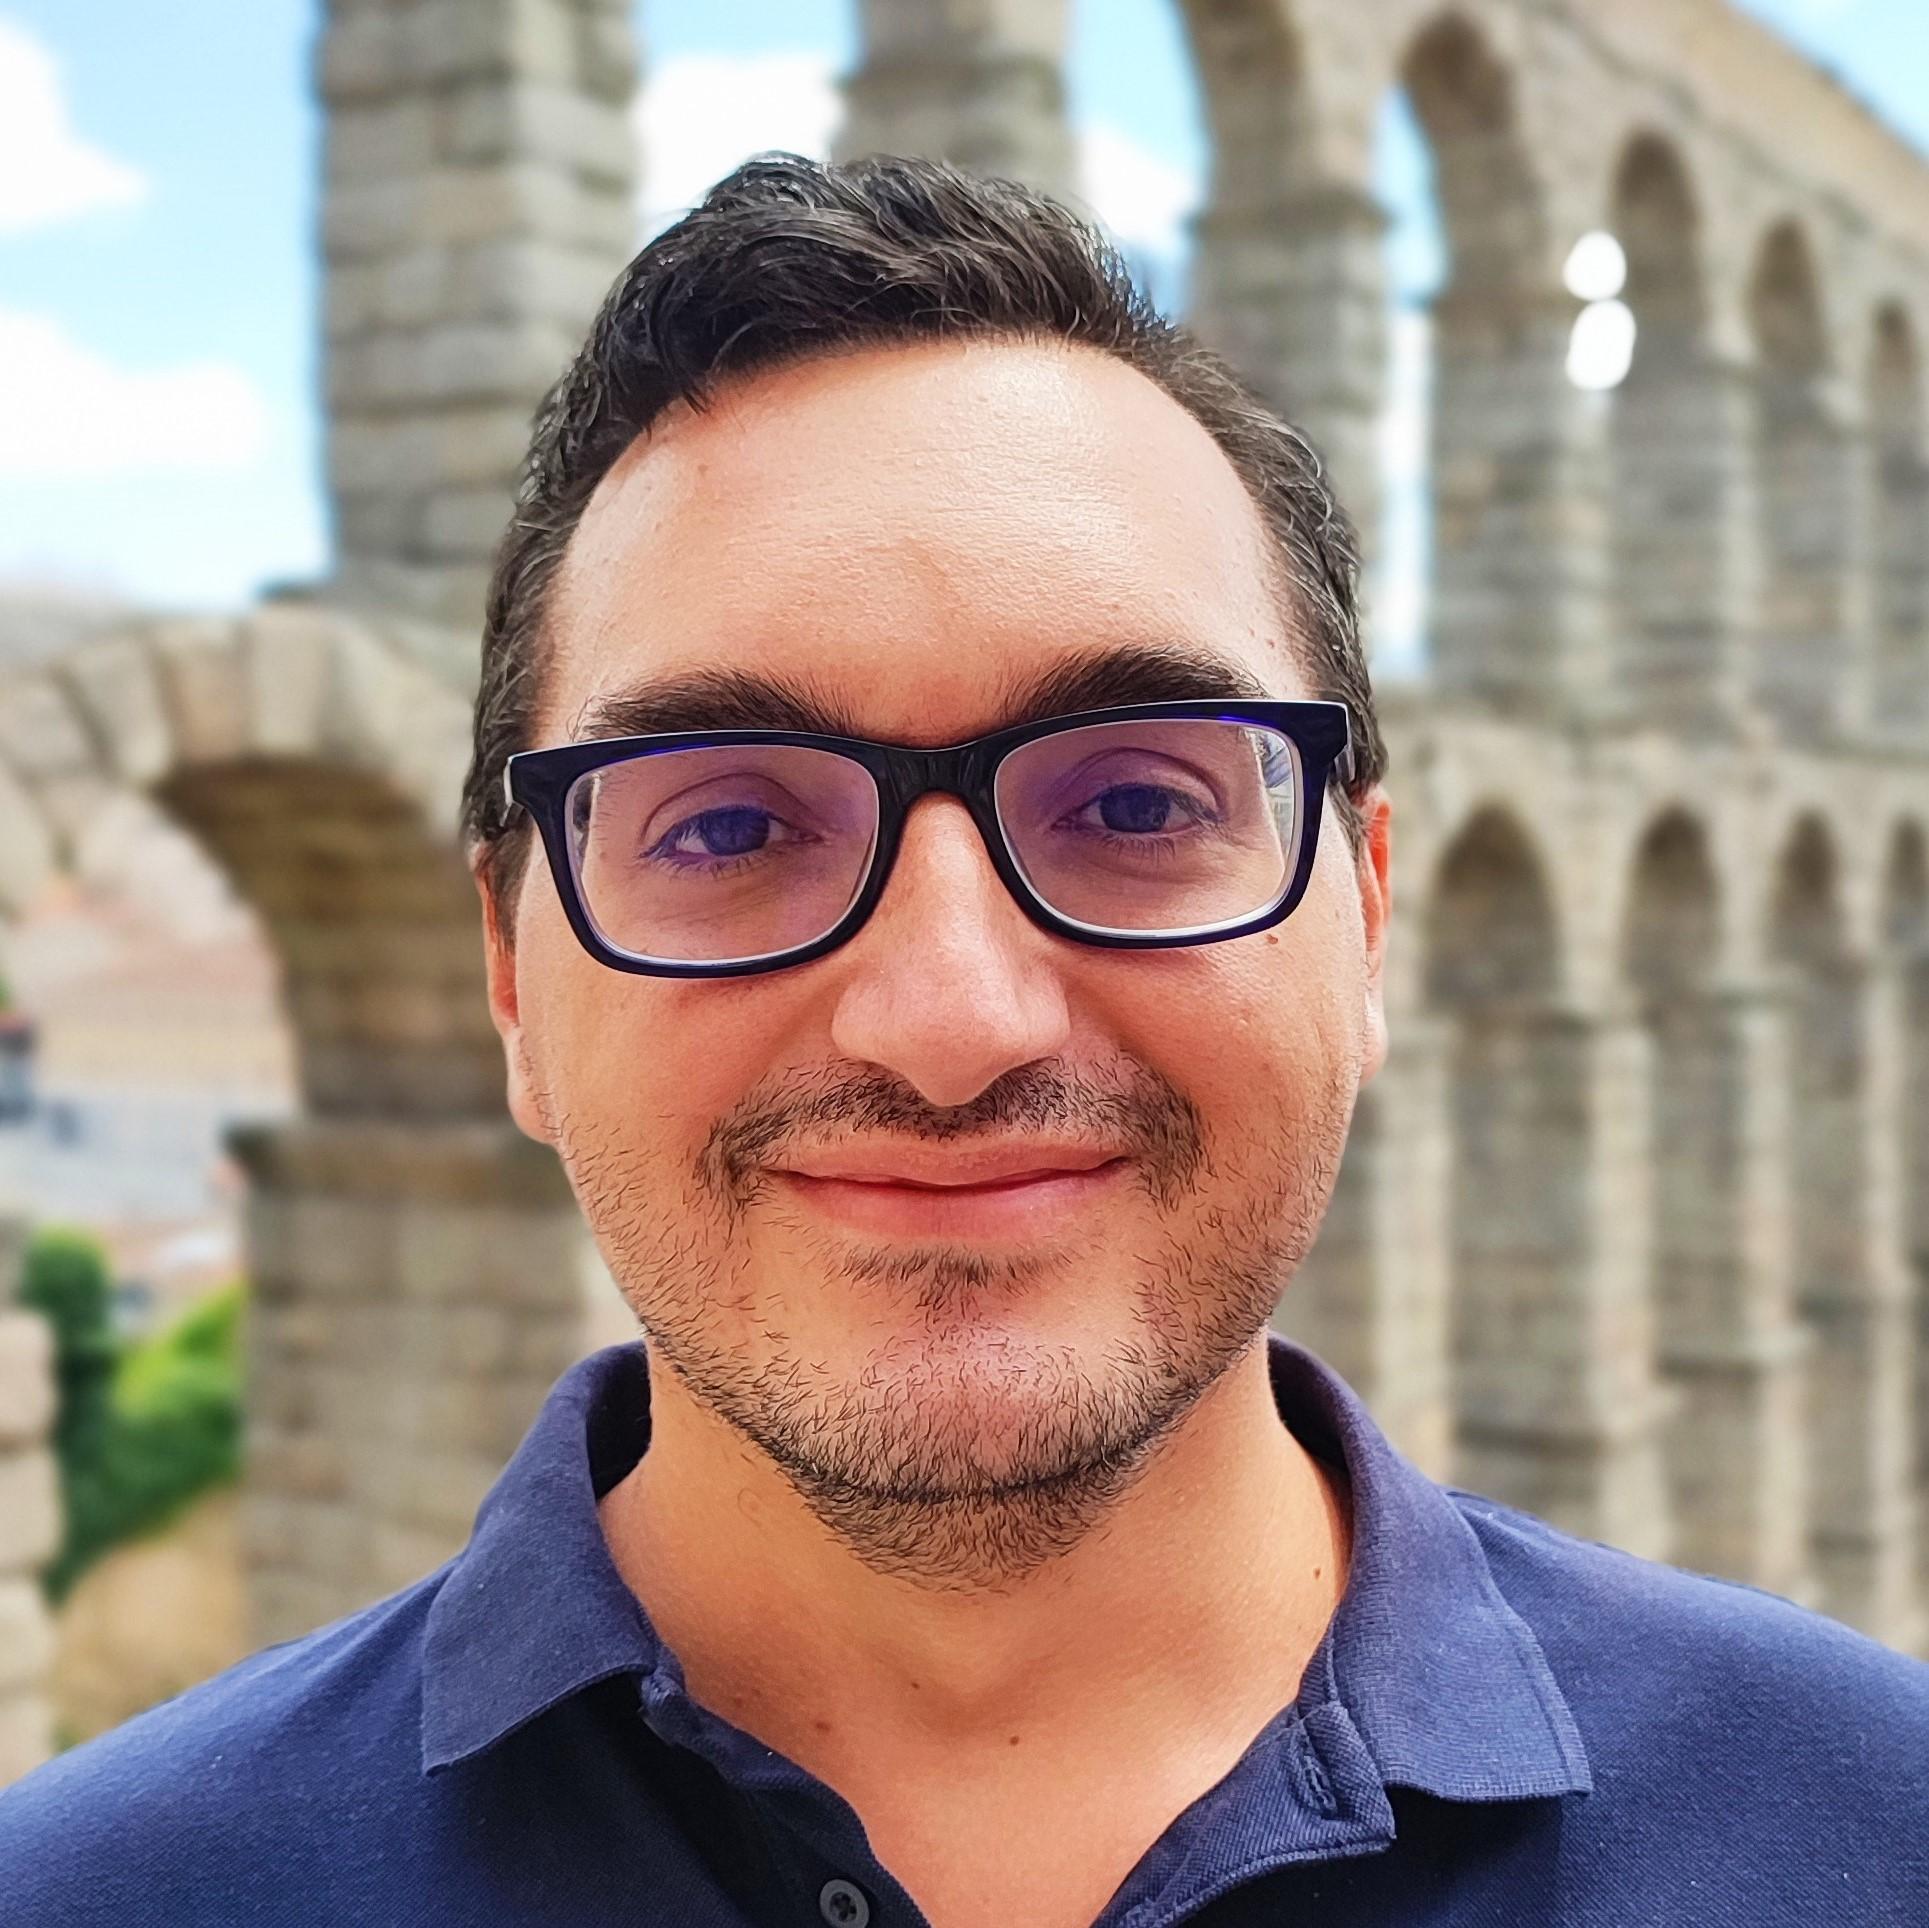 Stefano Discetti